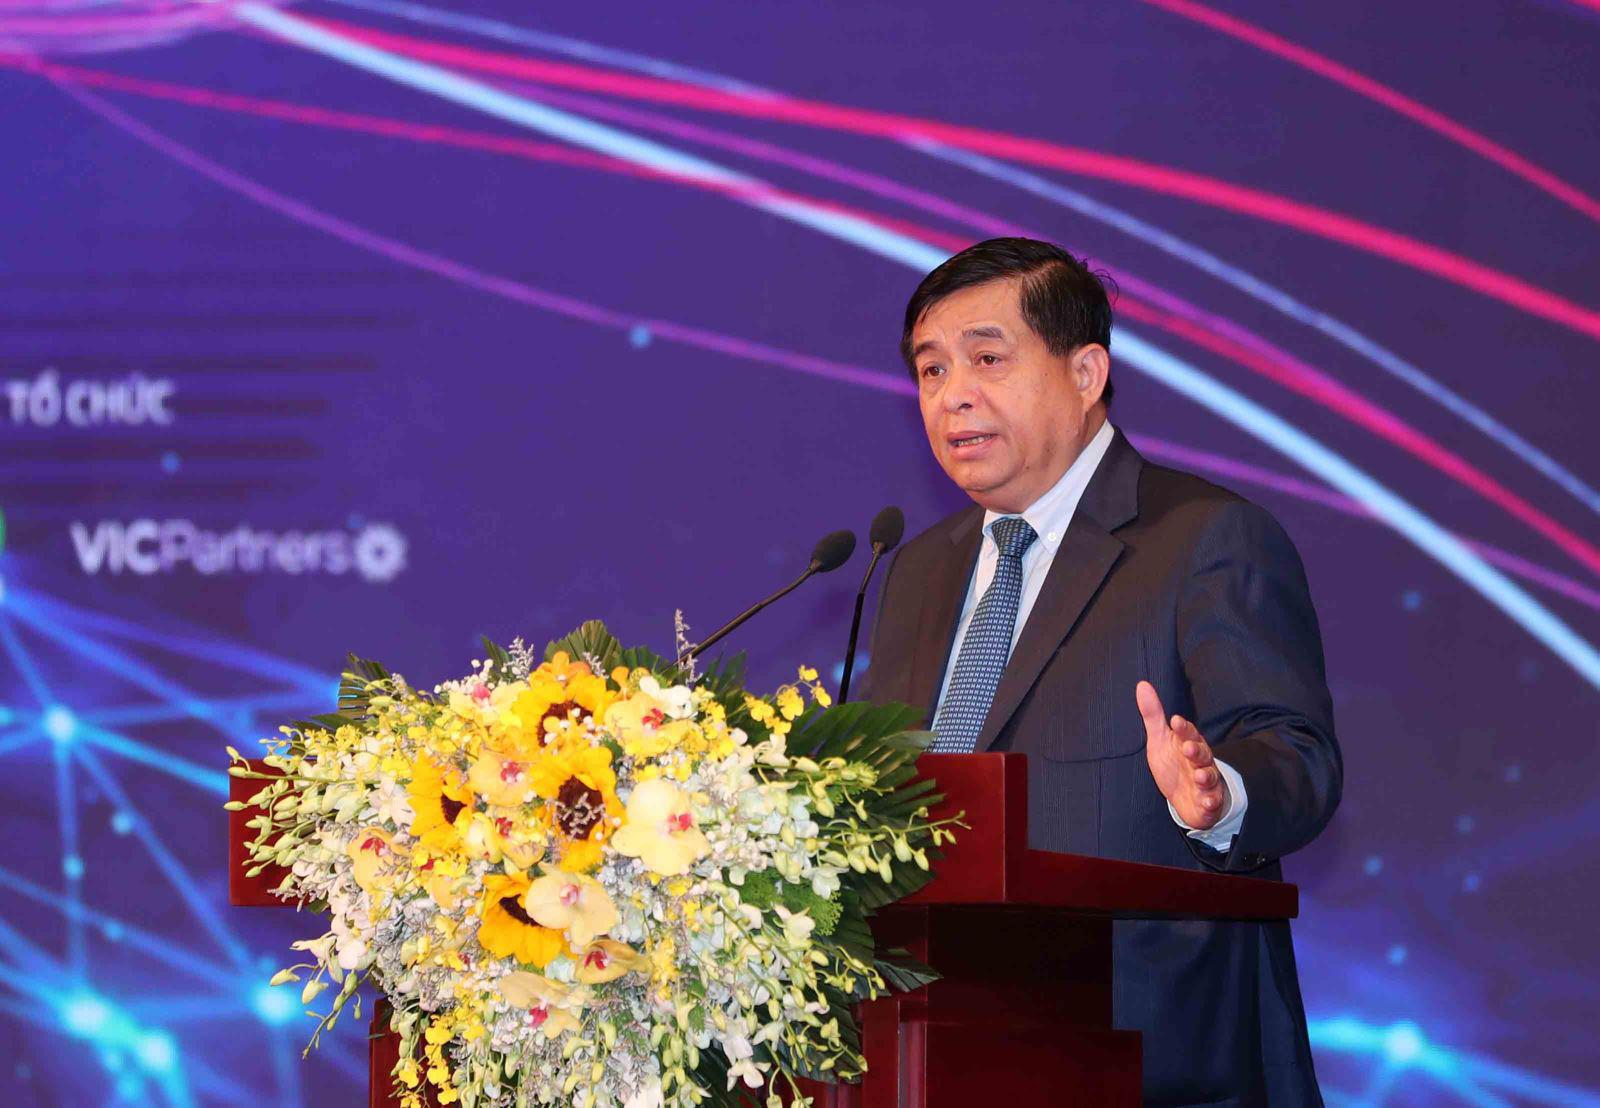 Bộ trưởng Nguyễn Chí Dũng: Đưa hàng tỷ USD vào khởi nghiệp sáng tạo - Ảnh 1.